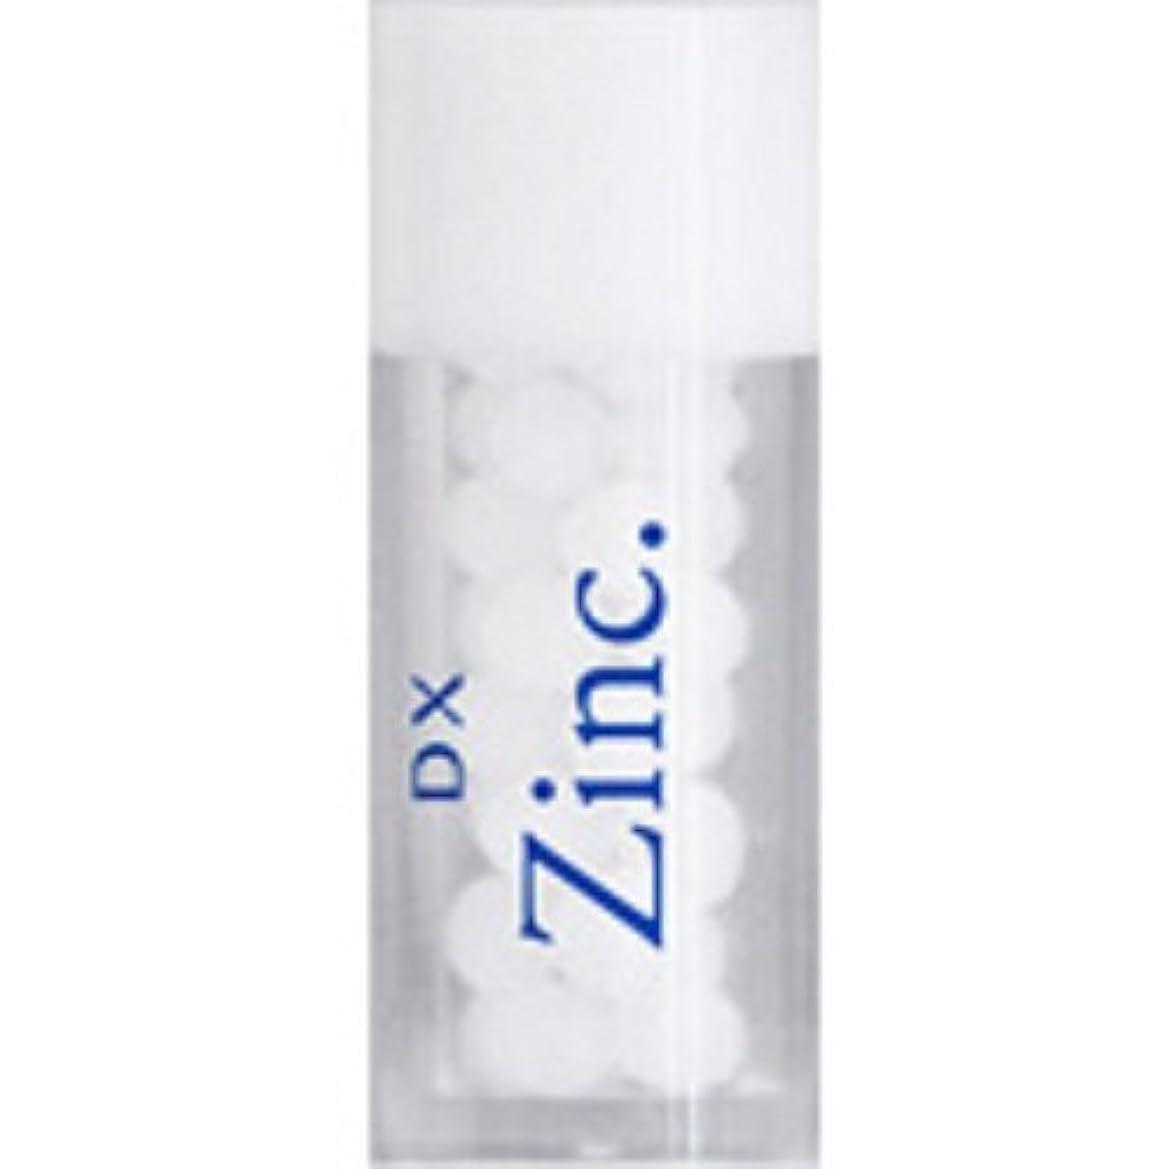 親密な請うあらゆる種類のホメオパシージャパンレメディー DX Zinc.  ディーエックス ジンカム (小ビン)